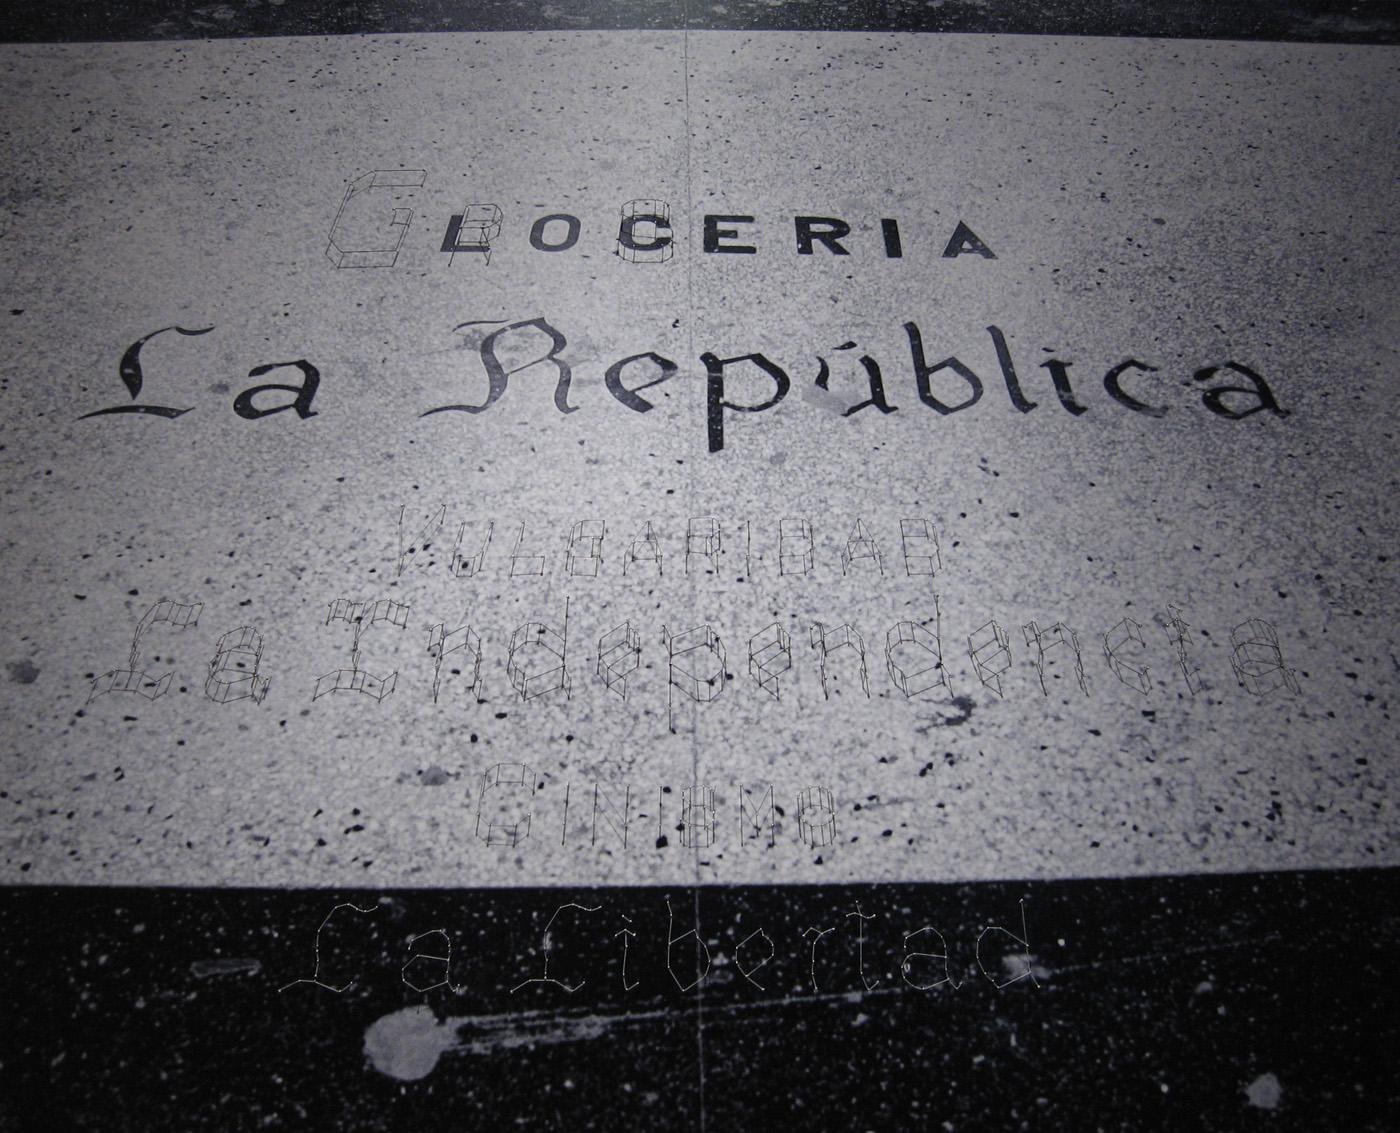 Carlos Garaicoa   La Republica , 2006 black and white photograph, thread, pins 48 x 59 3/4 inches 122 x 152 cm